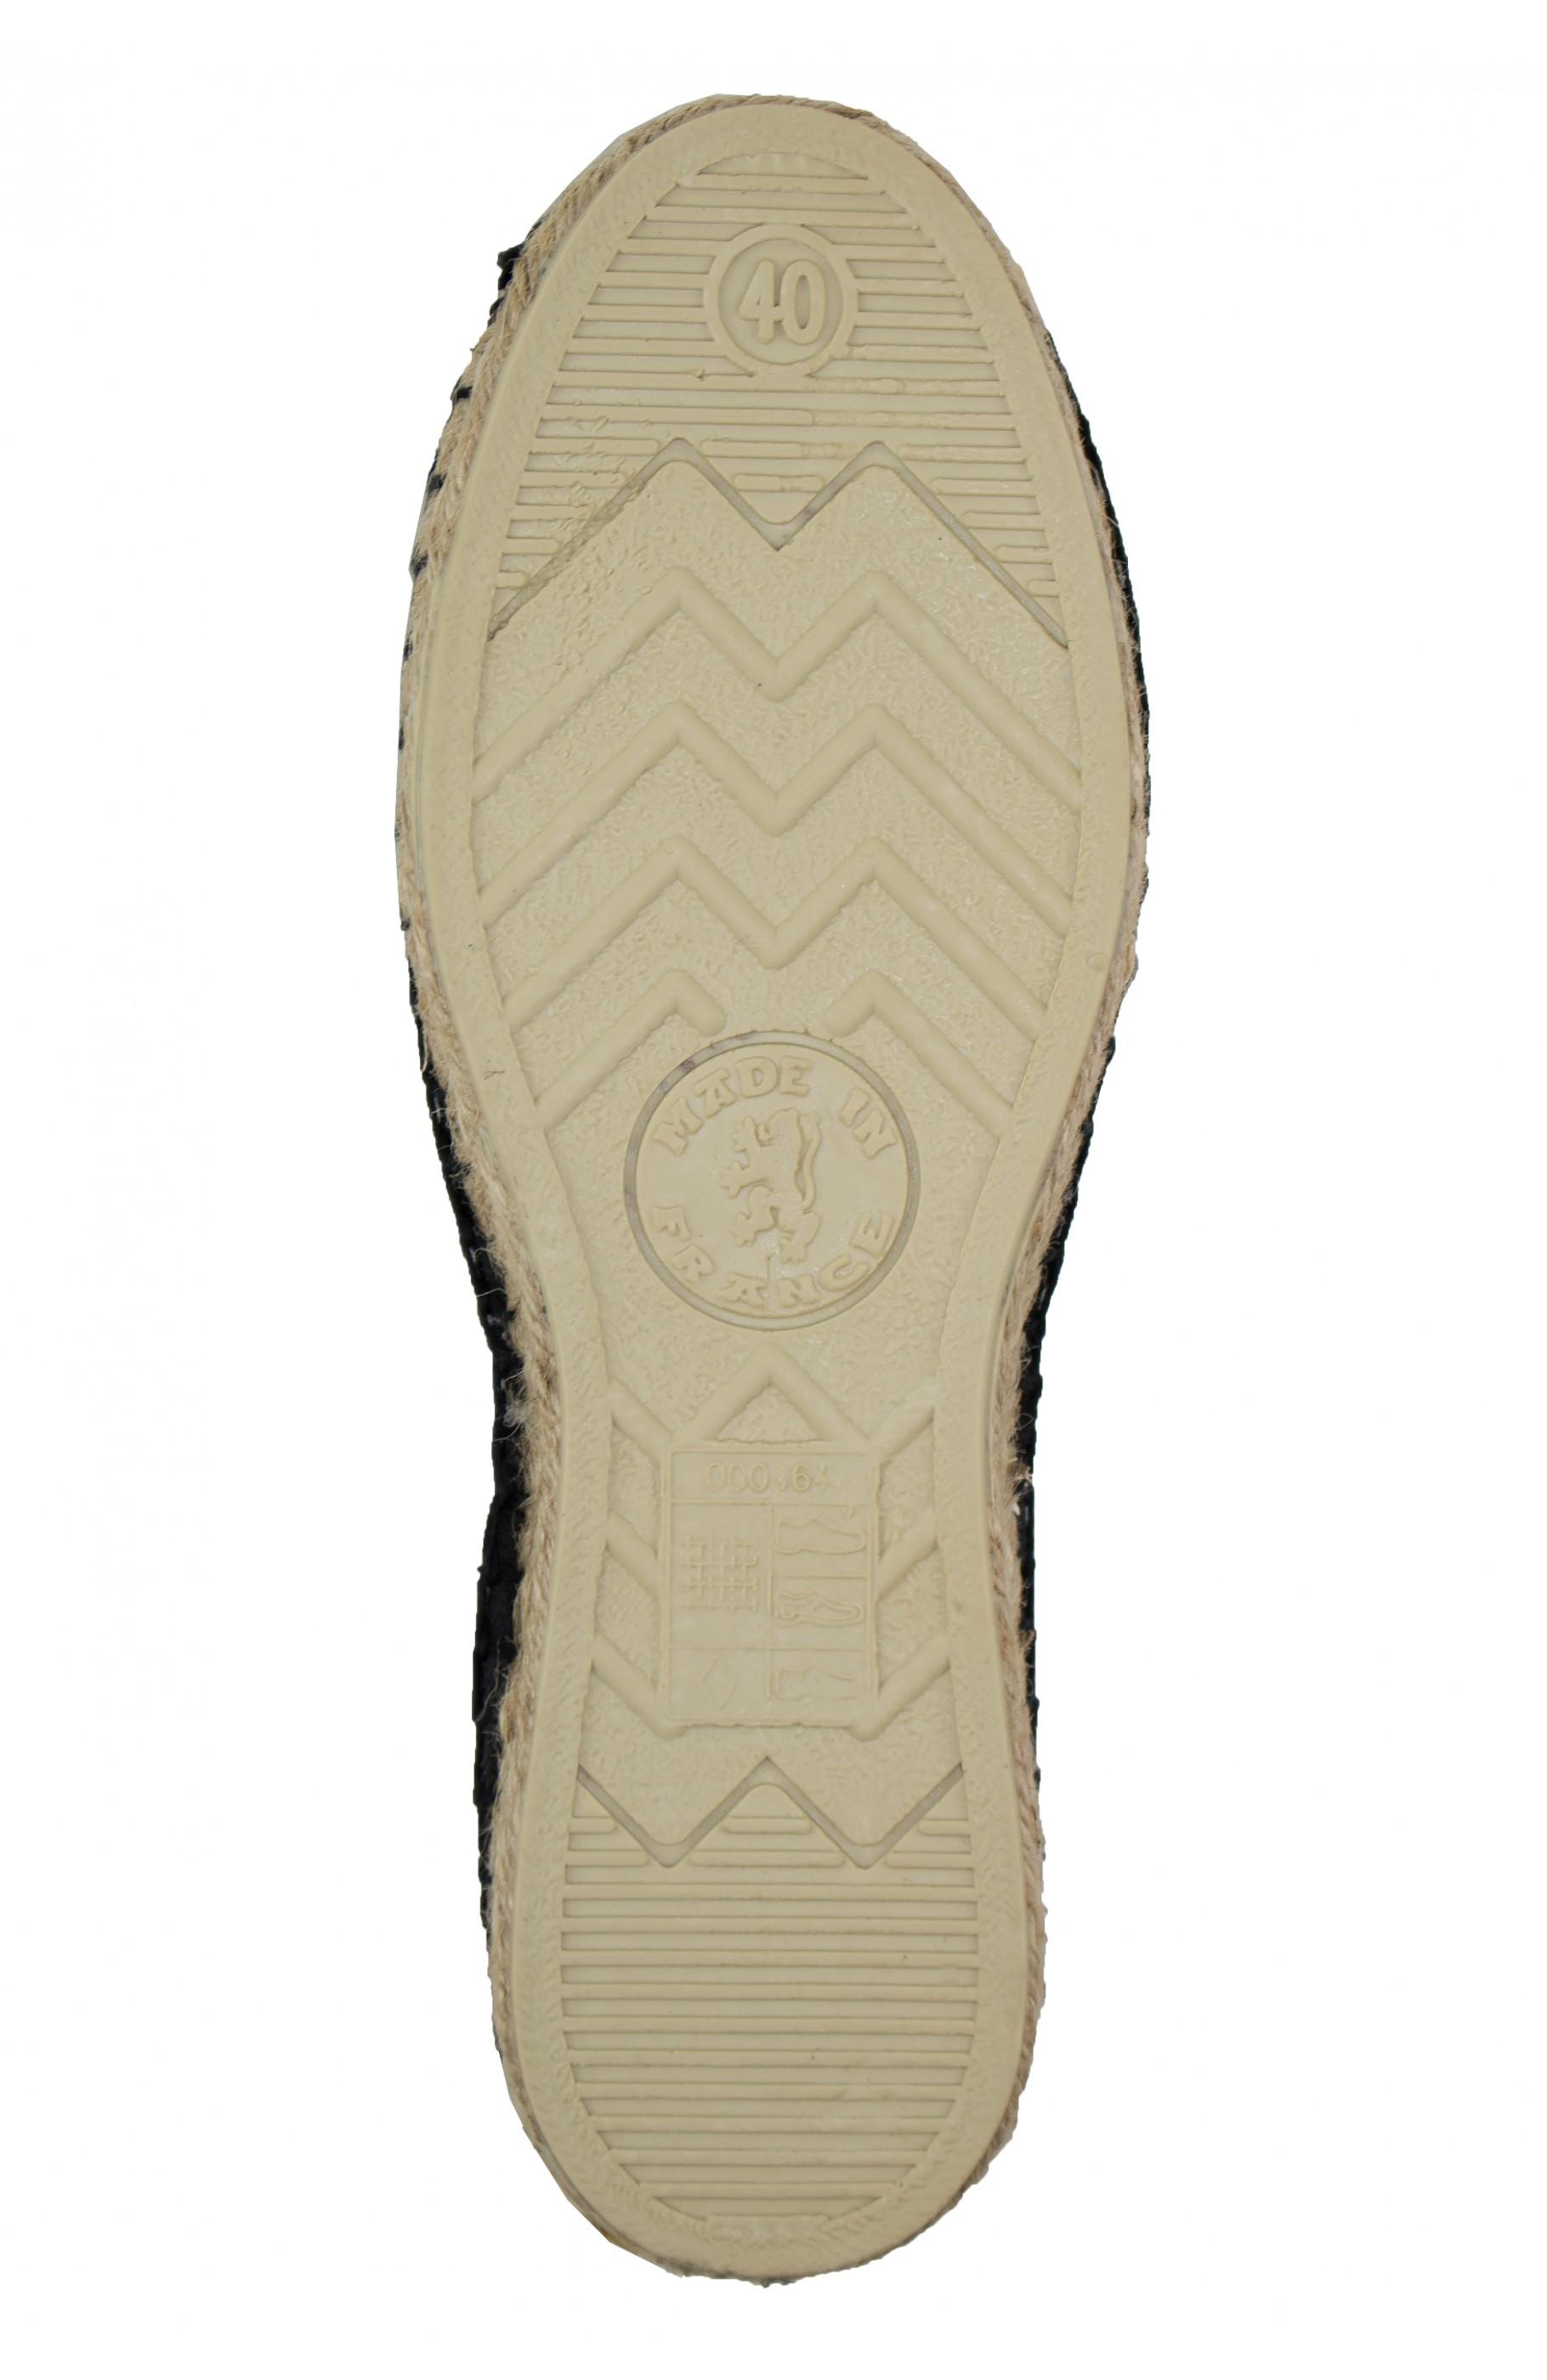 Majesté Couture Paris: MAJESTÉ\'S MALABAR ESPADRILLES | Shoes,Shoes > Espadrilles -  Hiphunters Shop